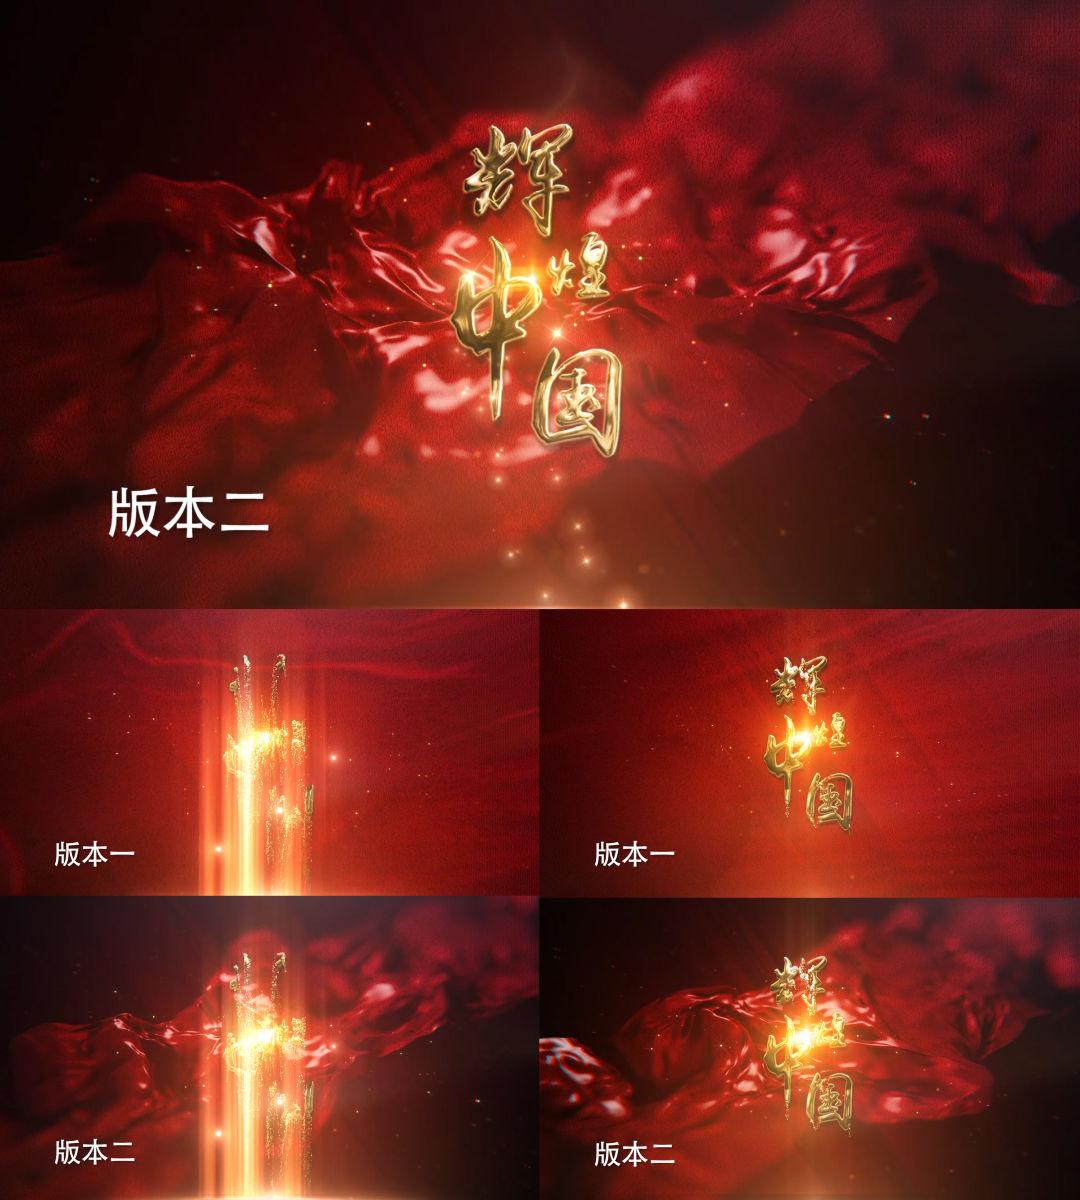 红色大气粒子标题片头片尾